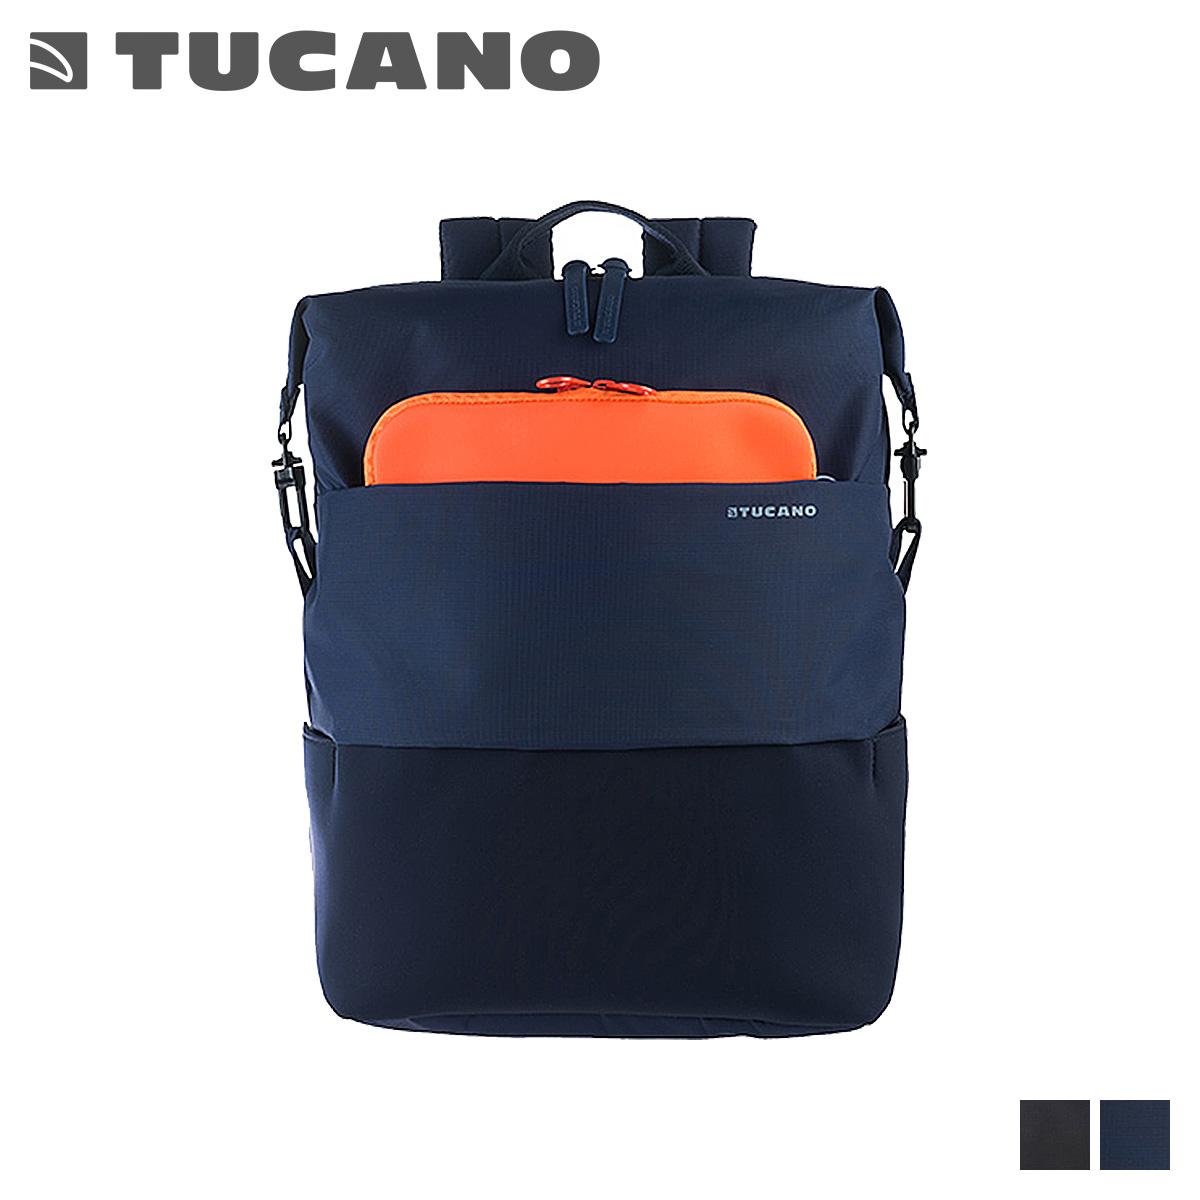 ツカーノ TUCANO リュック バッグ バックパック メンズ レディース MODO ブラック ブルー 黒 BMDOKS